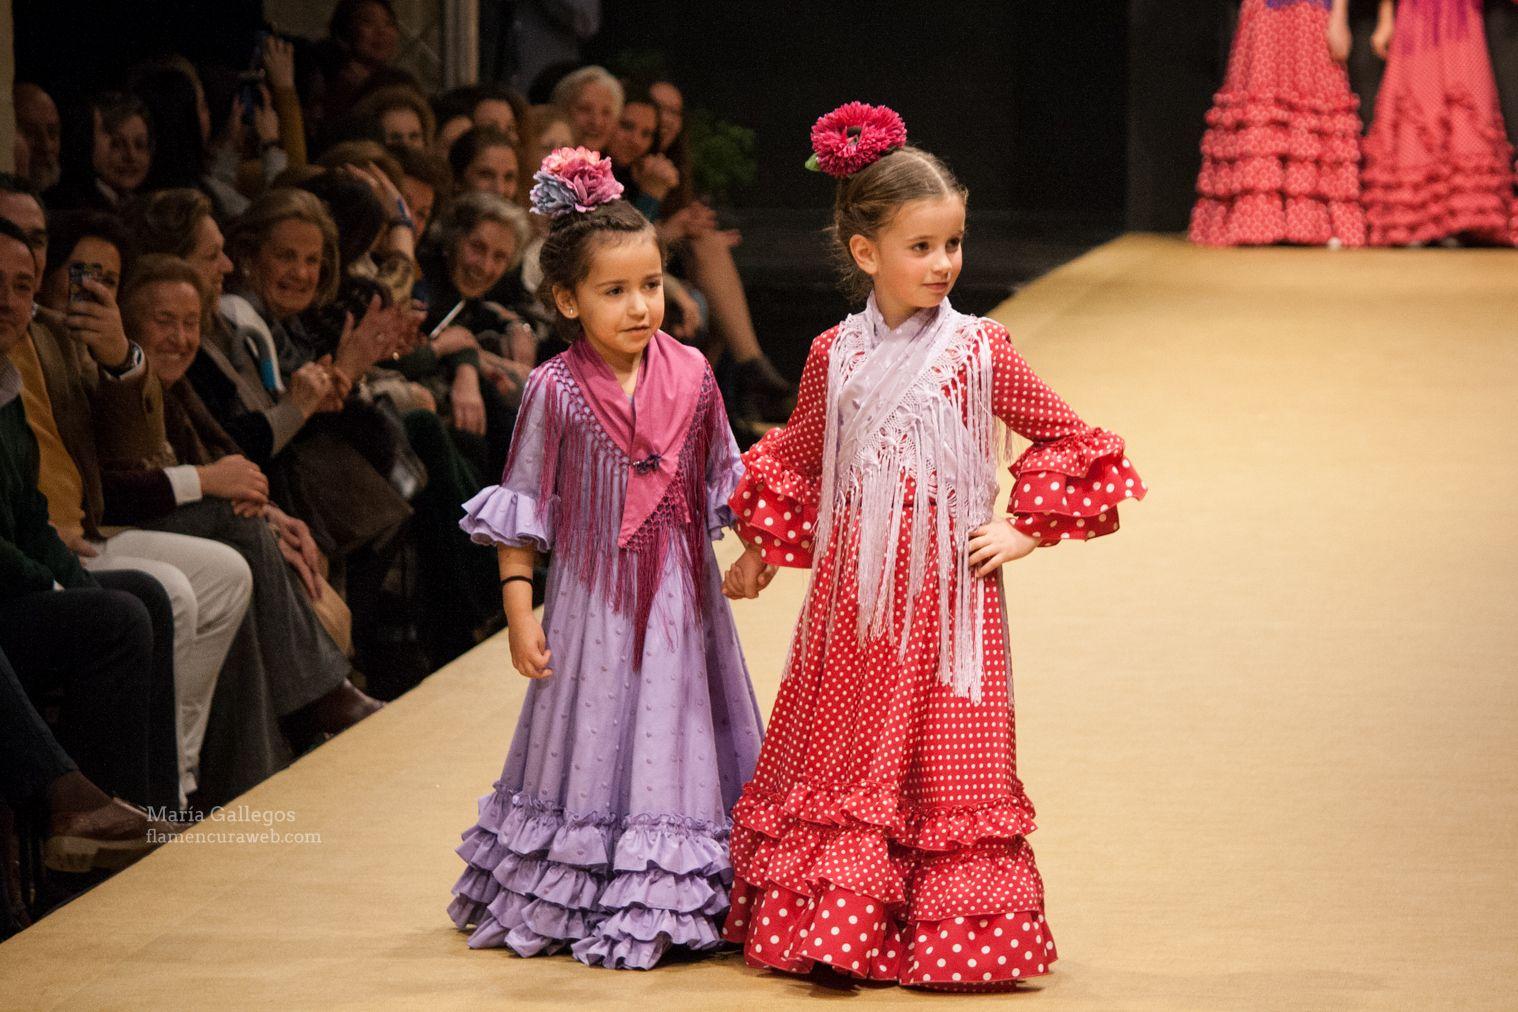 7e1920b2c flamencuraweb.com | Pasarela Flamenca Jerez 2017, Pilar Villar ...